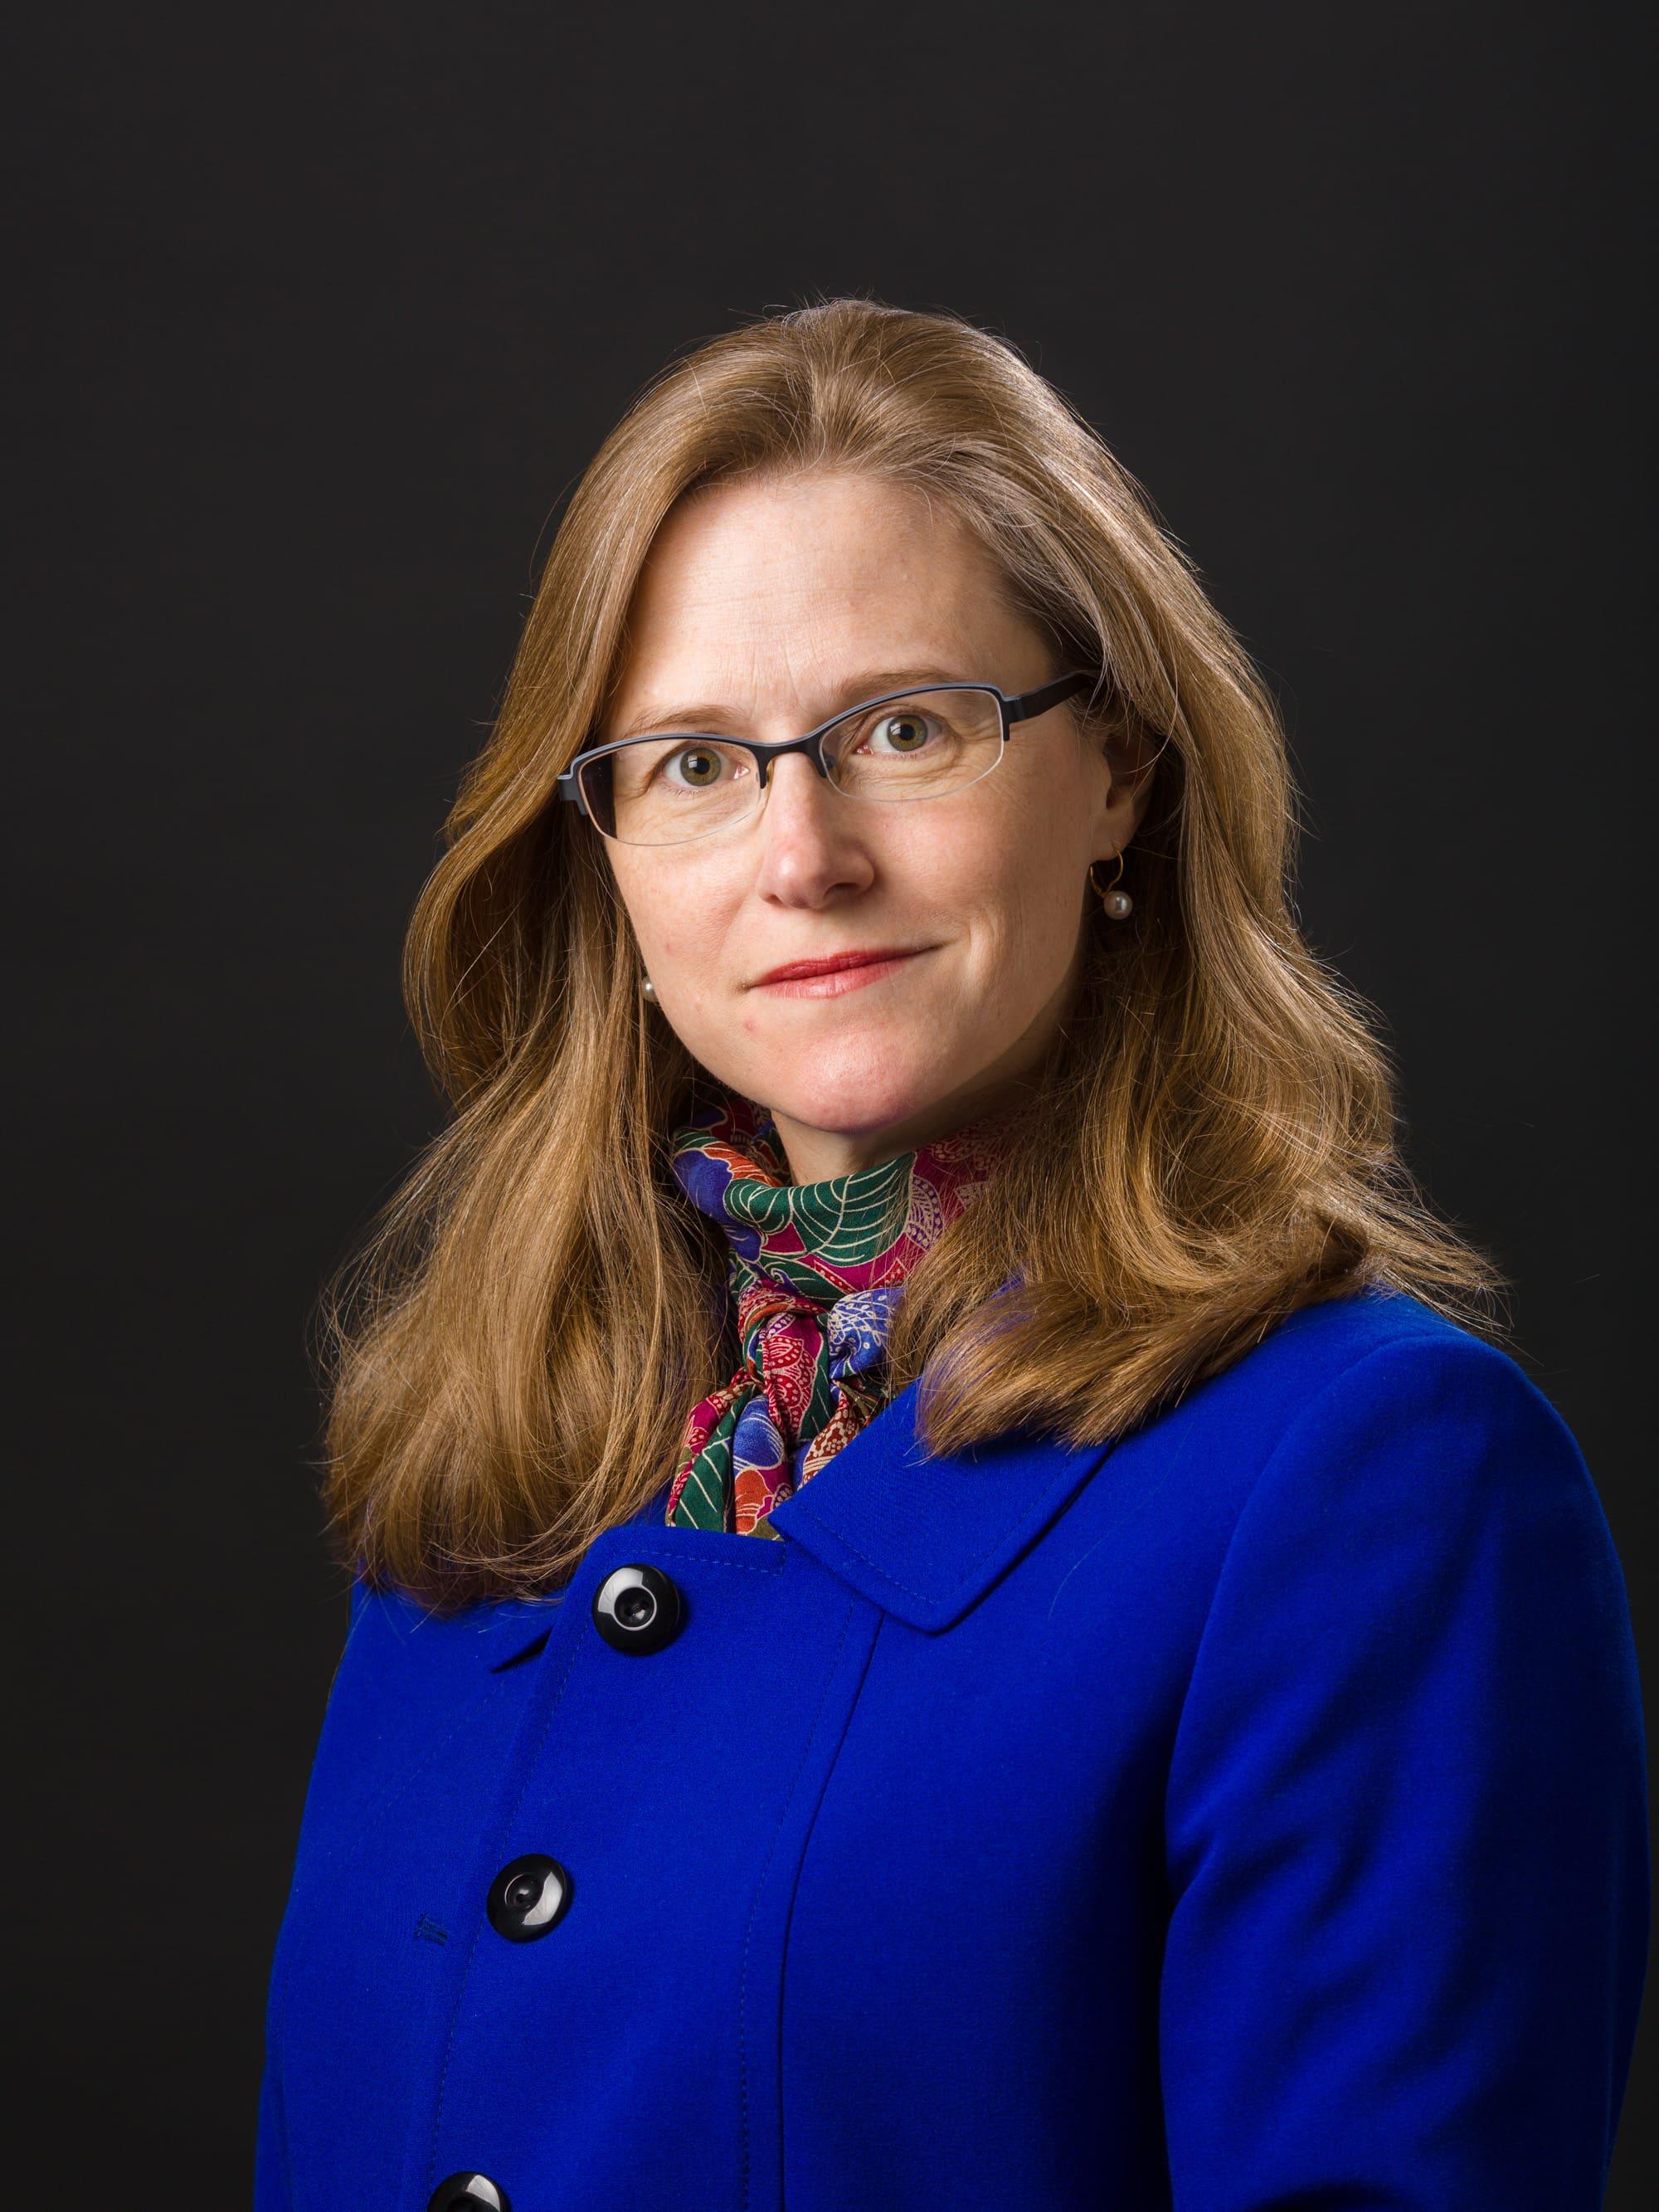 Lisa Gale Suter